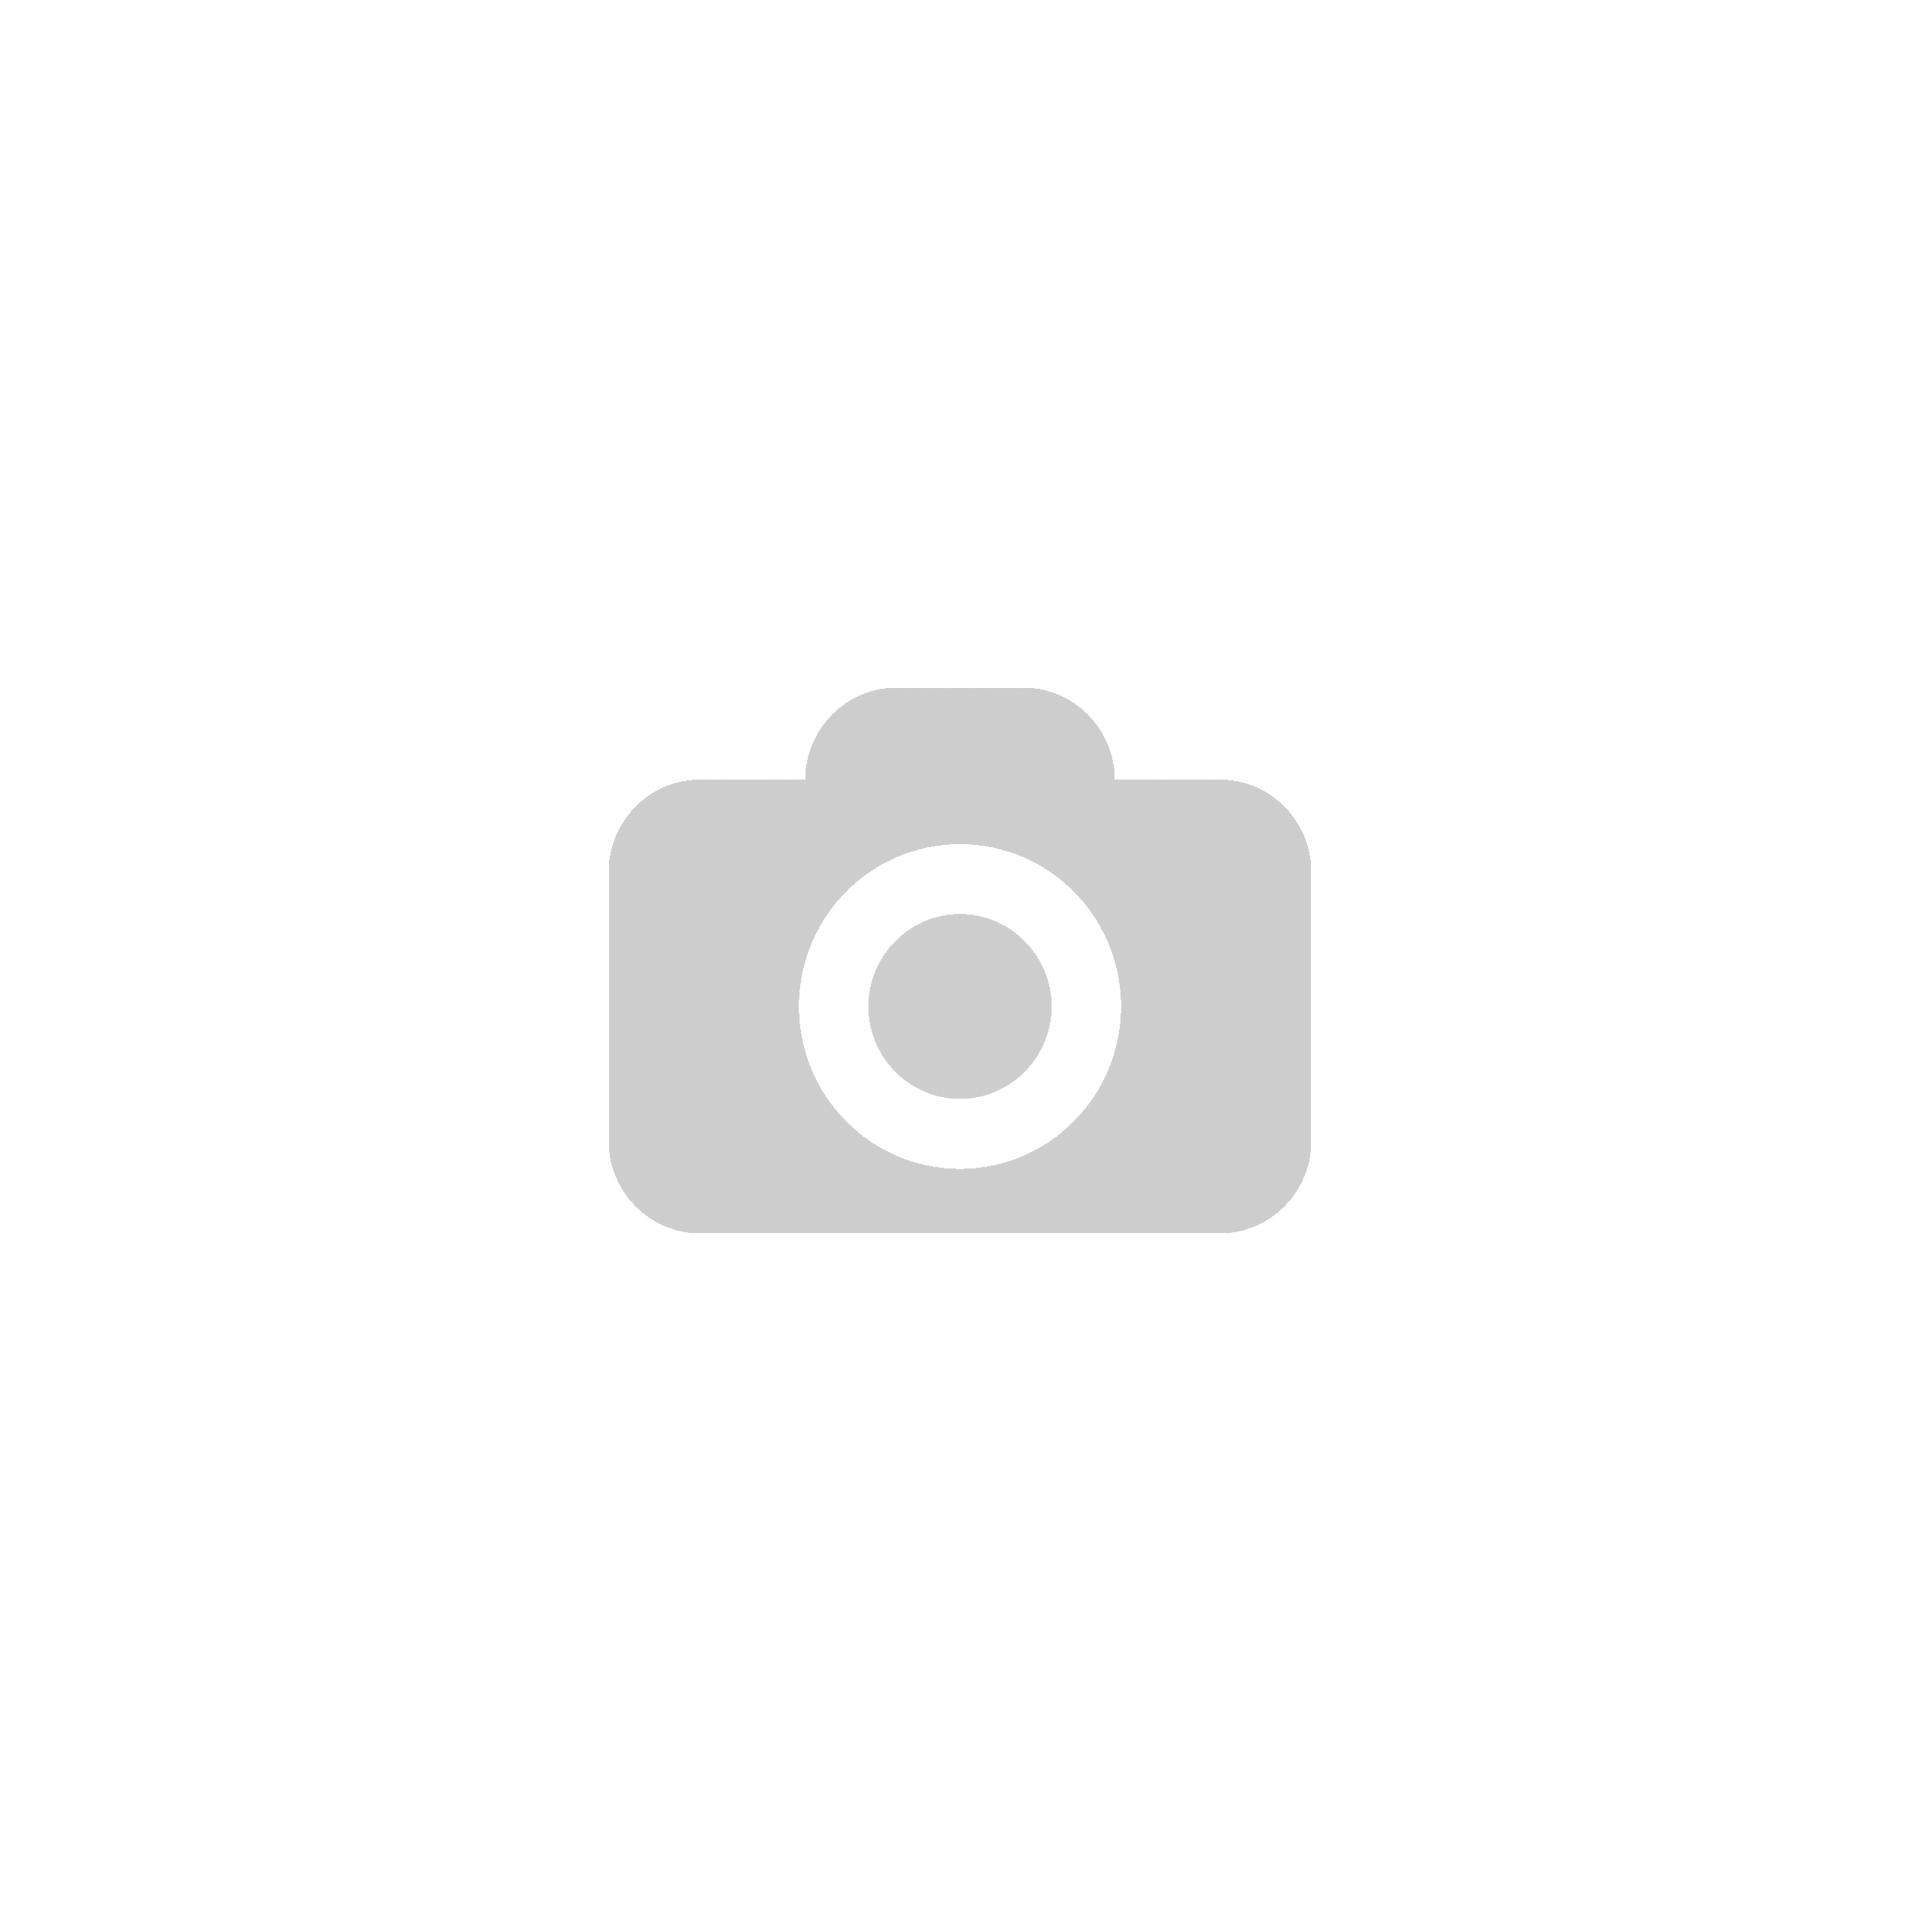 Gerber Gator Machete bozótvágó, kisméretű